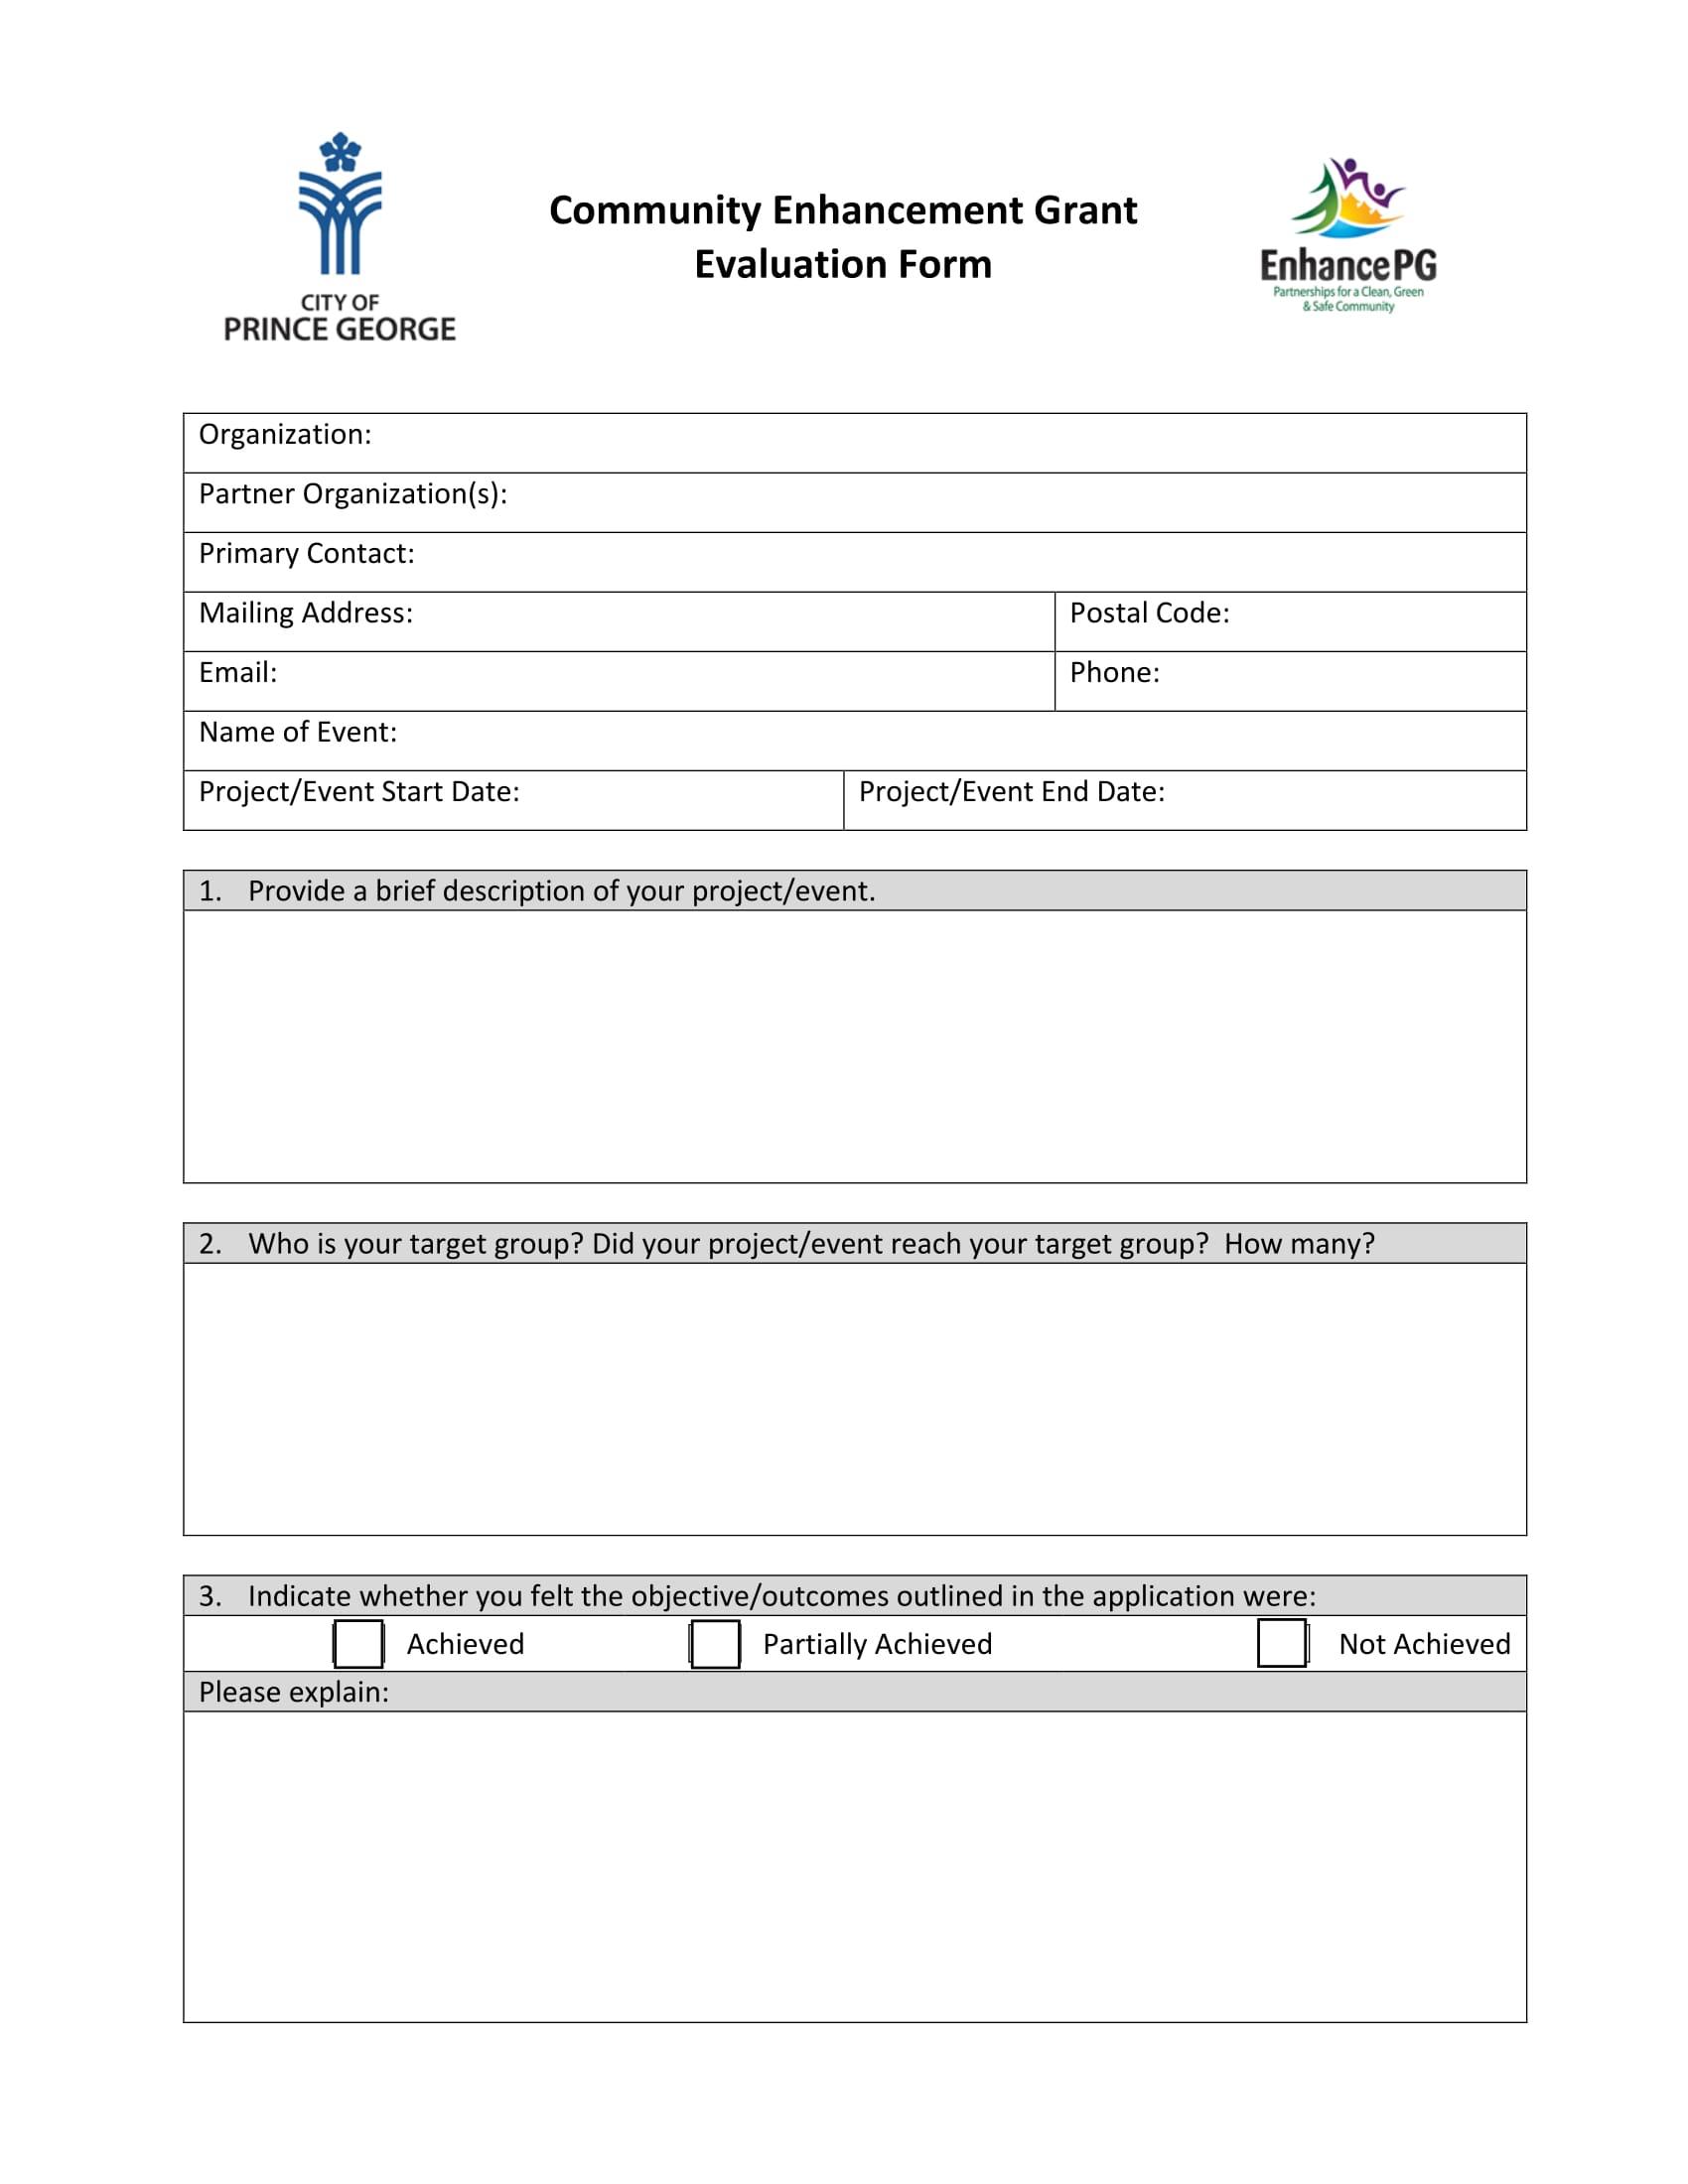 community enhancement grant evaluation form 1